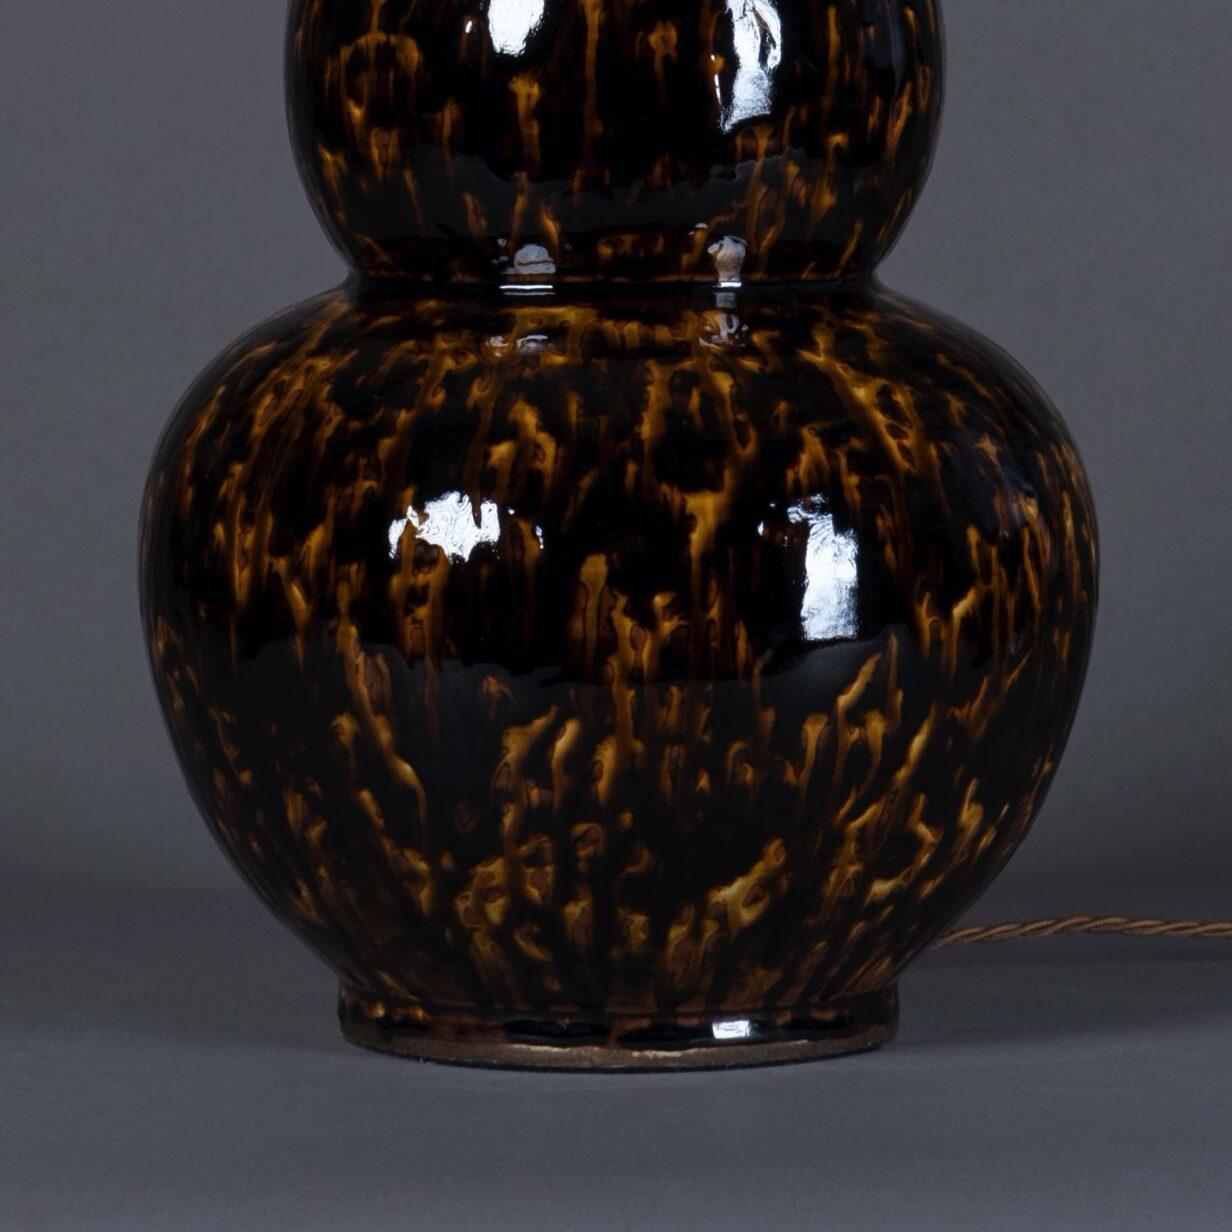 Pair of Tortoiseshell Gourd Lamps